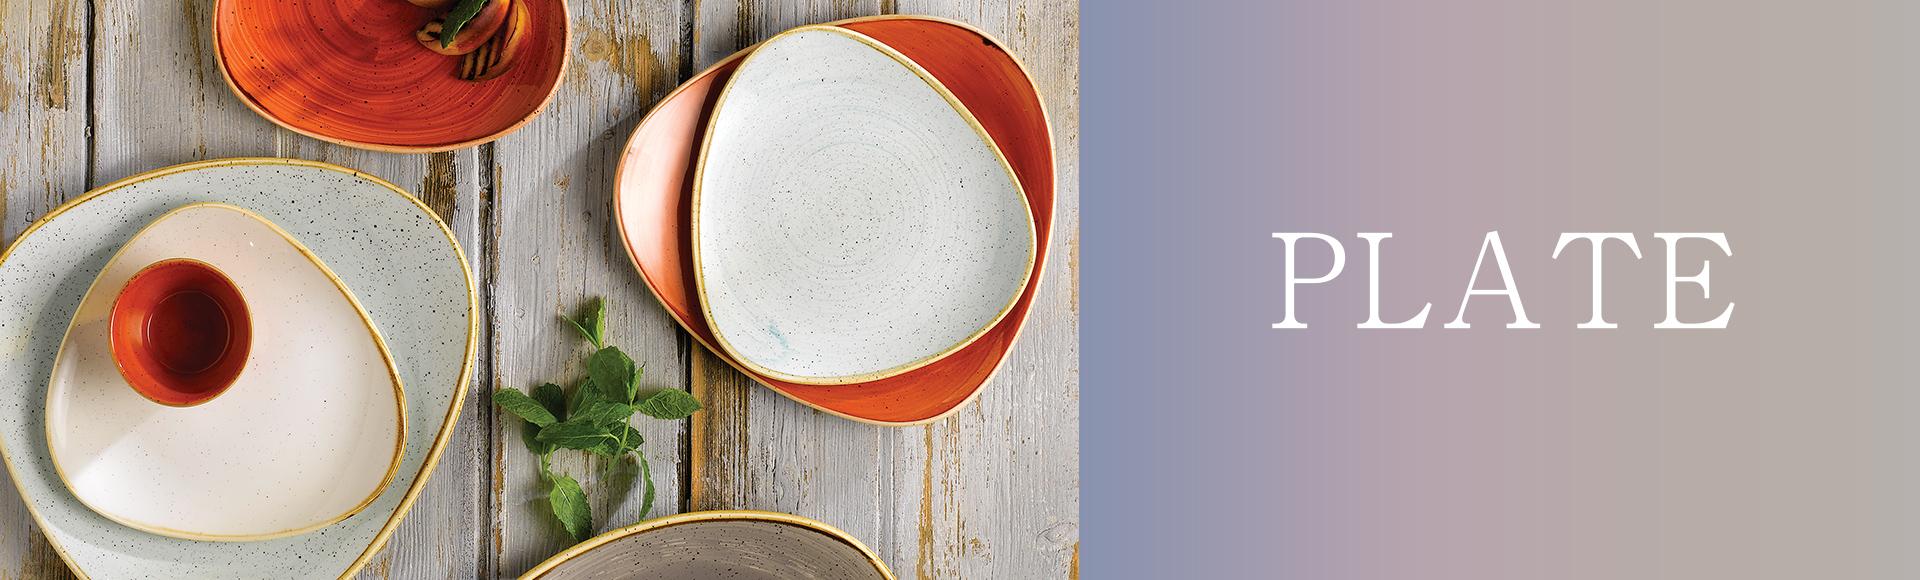 イギリスの食器ブランドStonecast。少し大き目サイズの、自然からインスピレーションを得たユニークな色・形の使いやすいプレートがそろいます